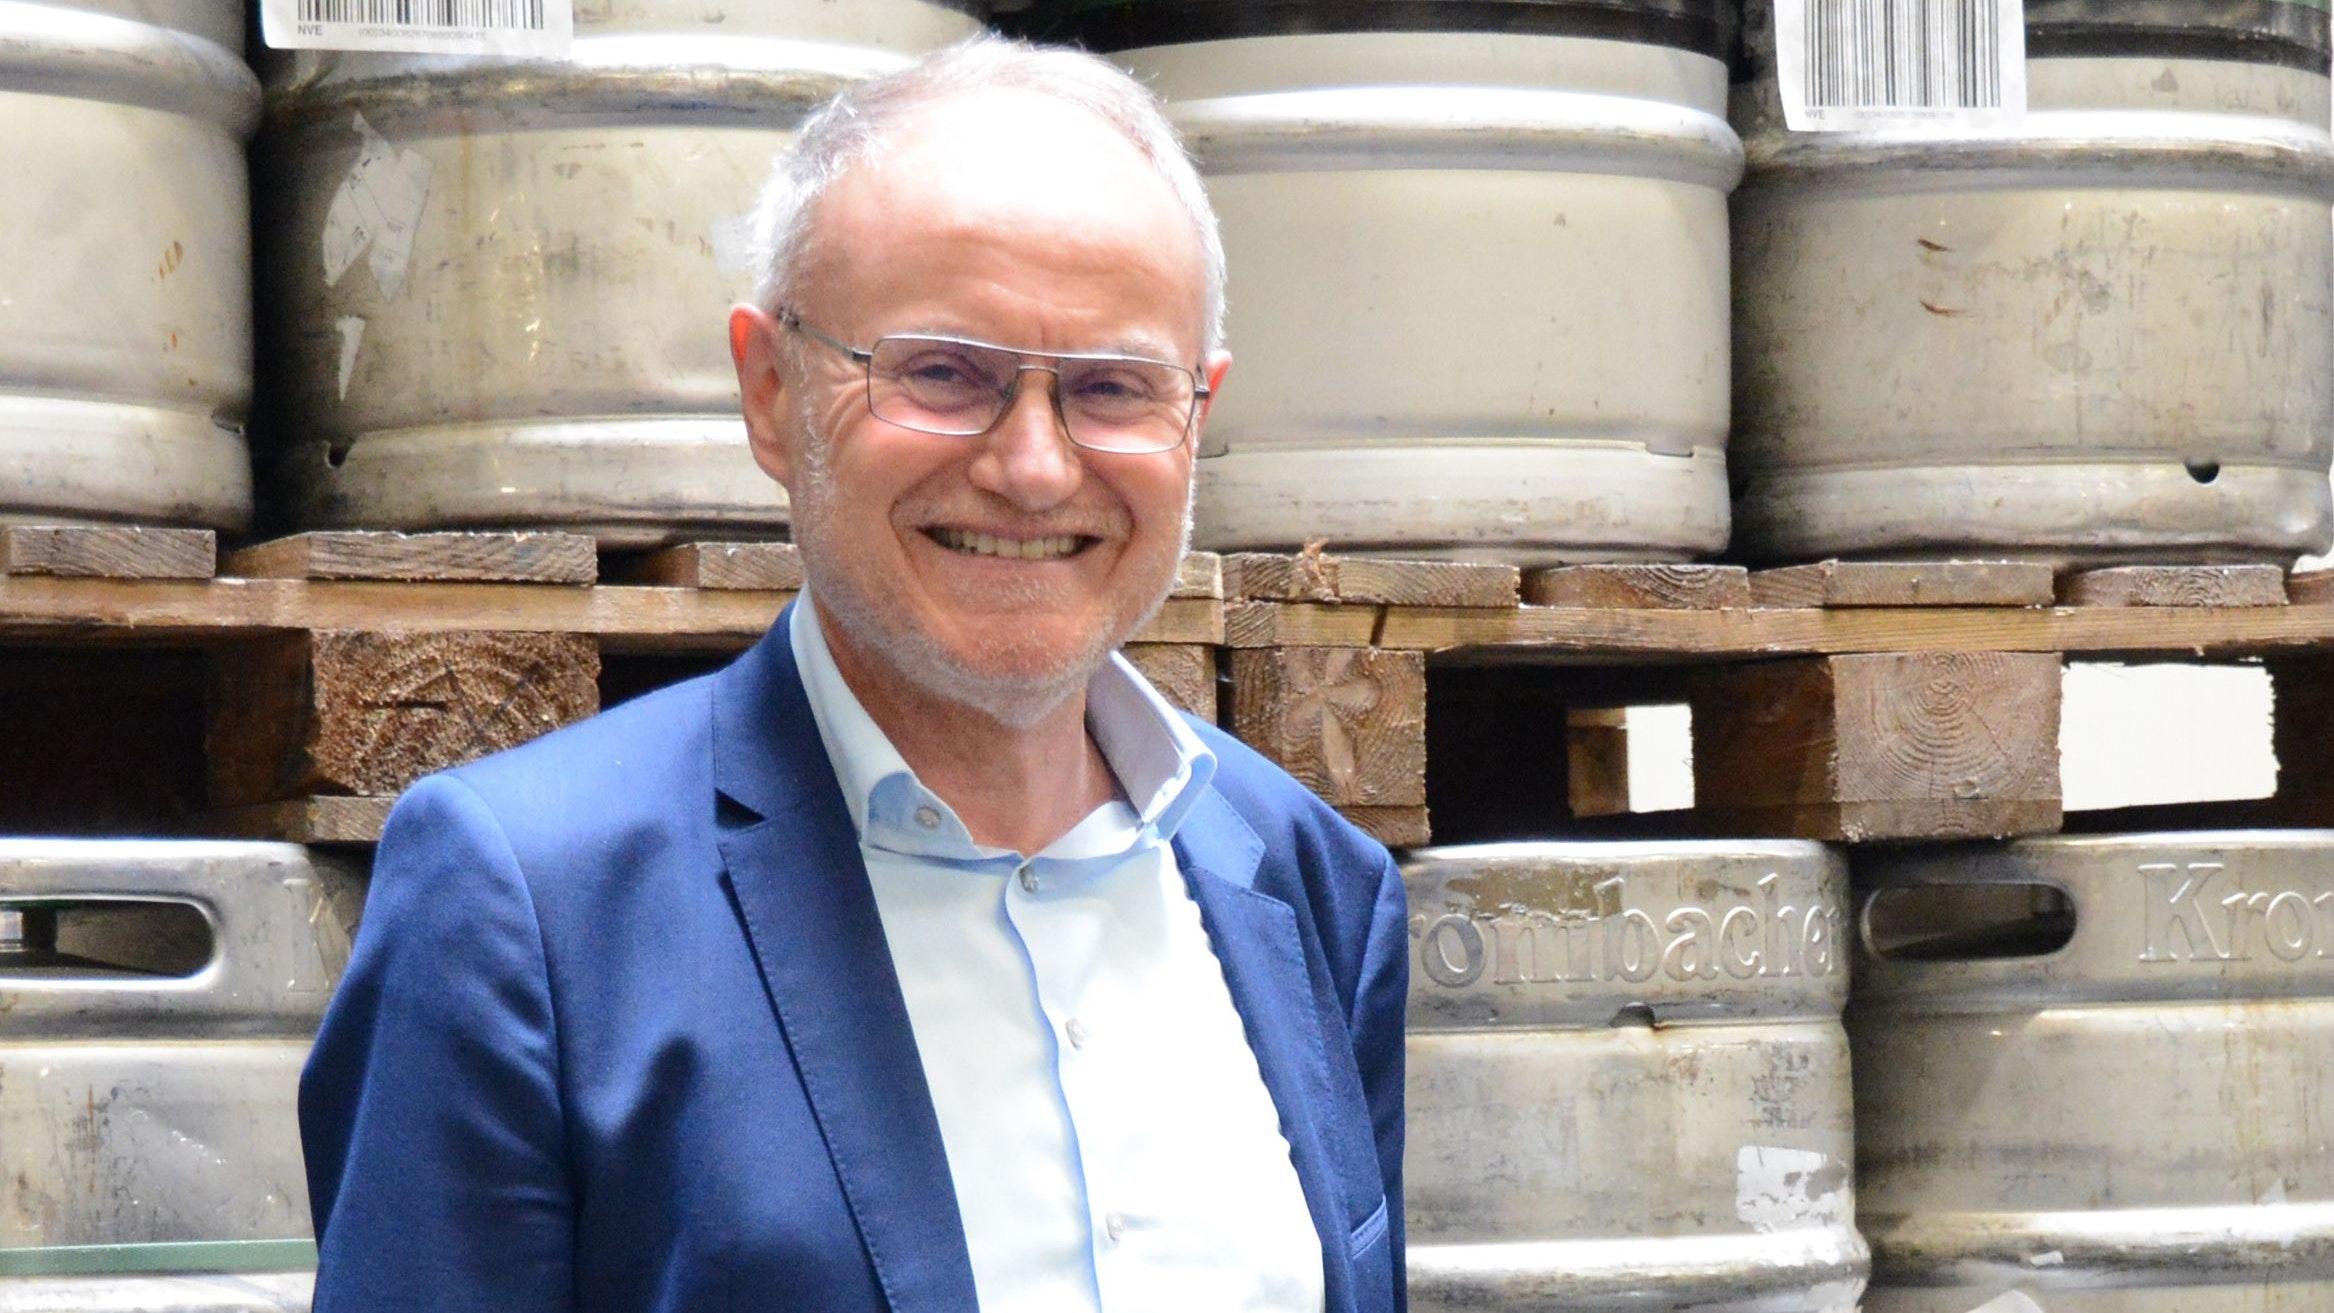 Freut sich auf die neue Zeit: Günther Tebben, Geschäftsführer von Getränke Brügging. Foto: Hermes